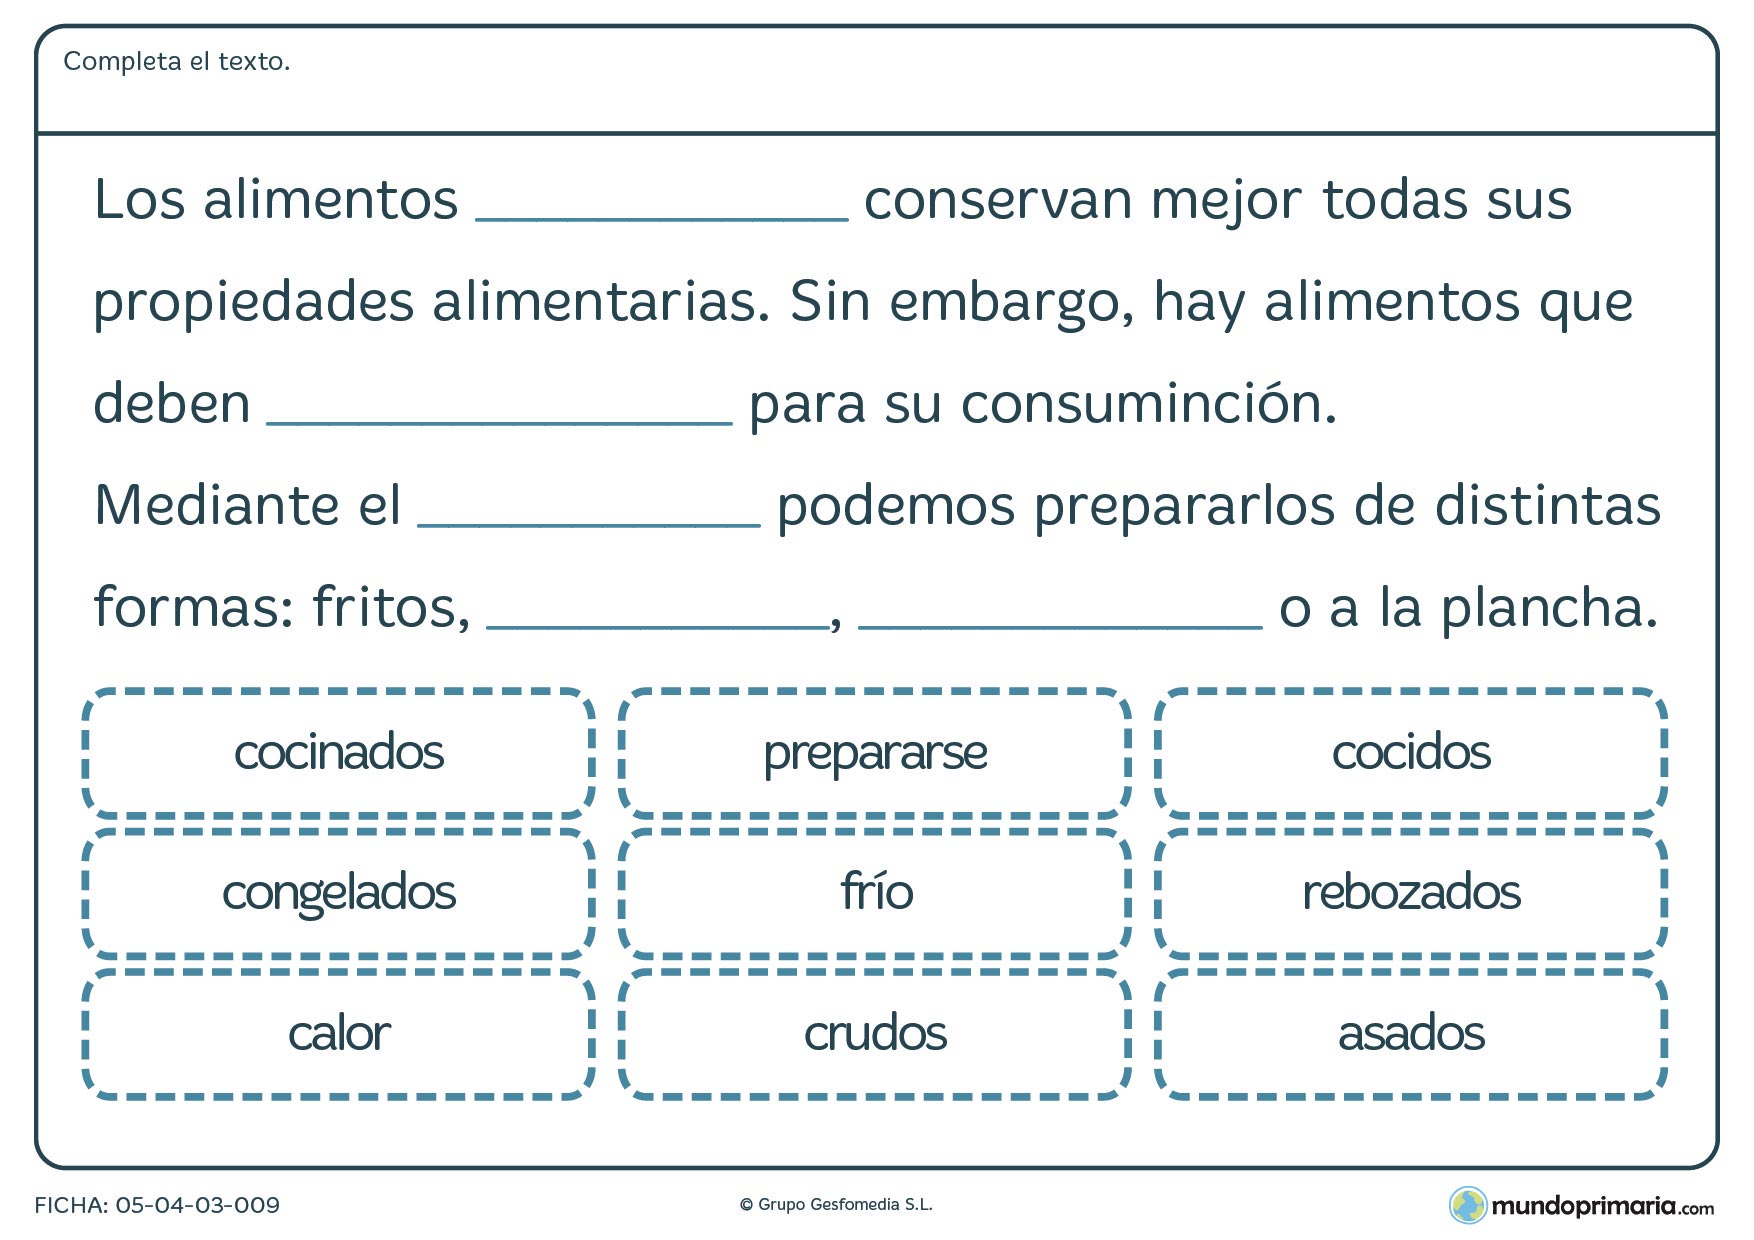 Ficha de alimentos y formas de cocinarlos en el que hay que completar el texto con las palabras proporcionadas.